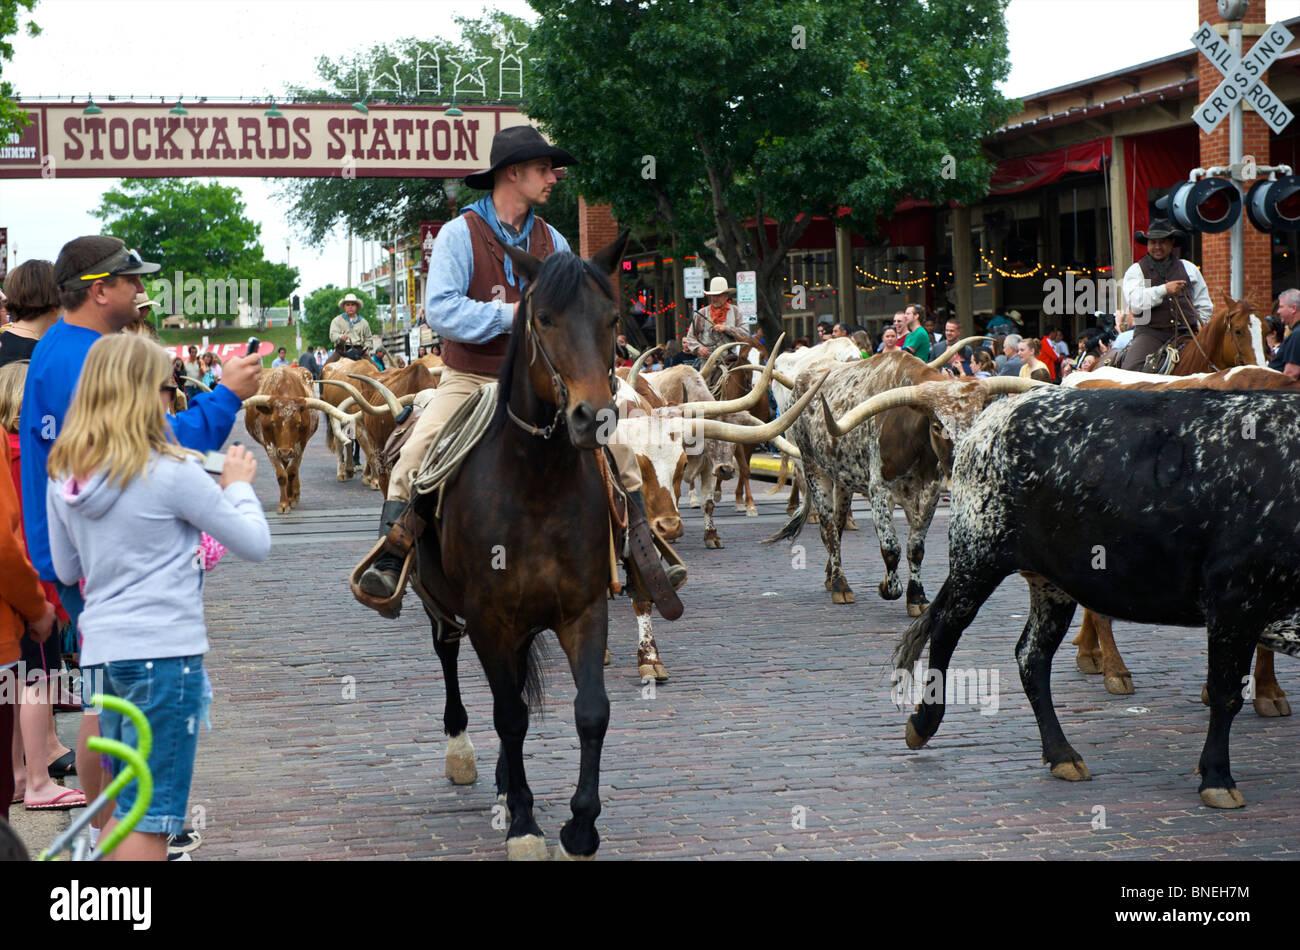 Longhorns et cowboys en marchant dans la rue à la station de Stockyards de Fort Worth, Texas, États-Unis Banque D'Images